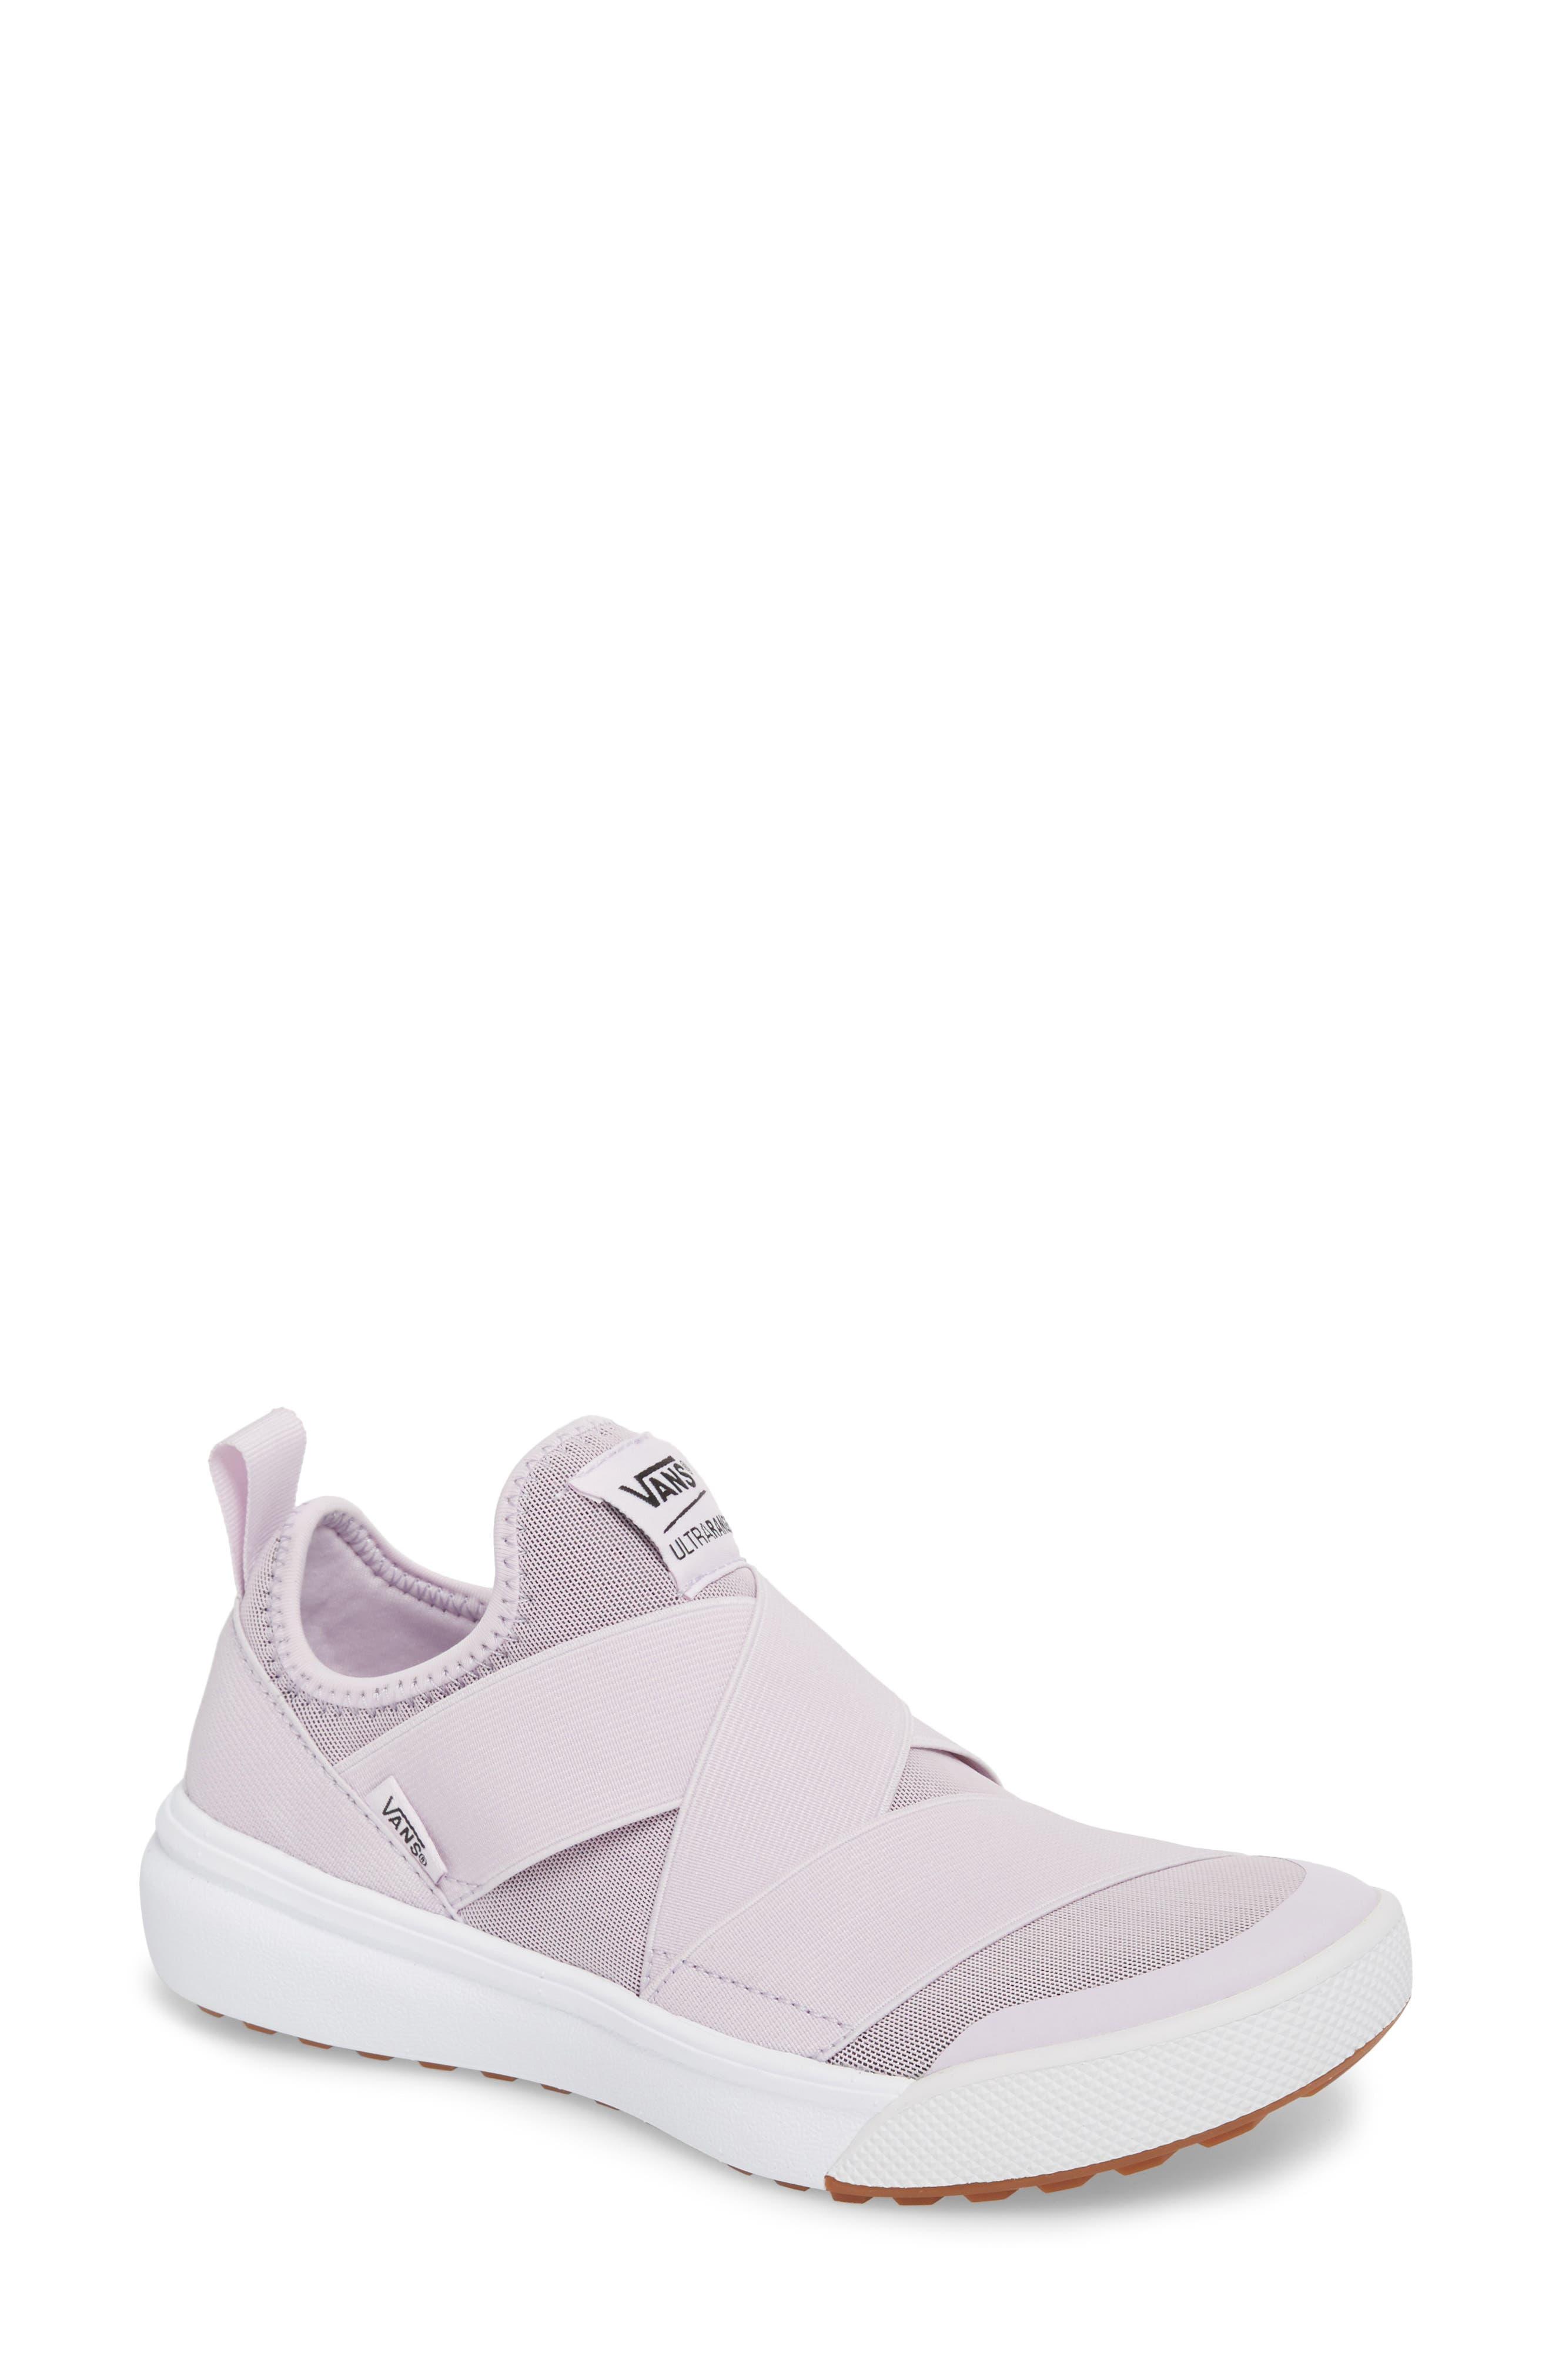 UltraRange Gore Slip-On Sneaker,                         Main,                         color, LAVENDER FOG